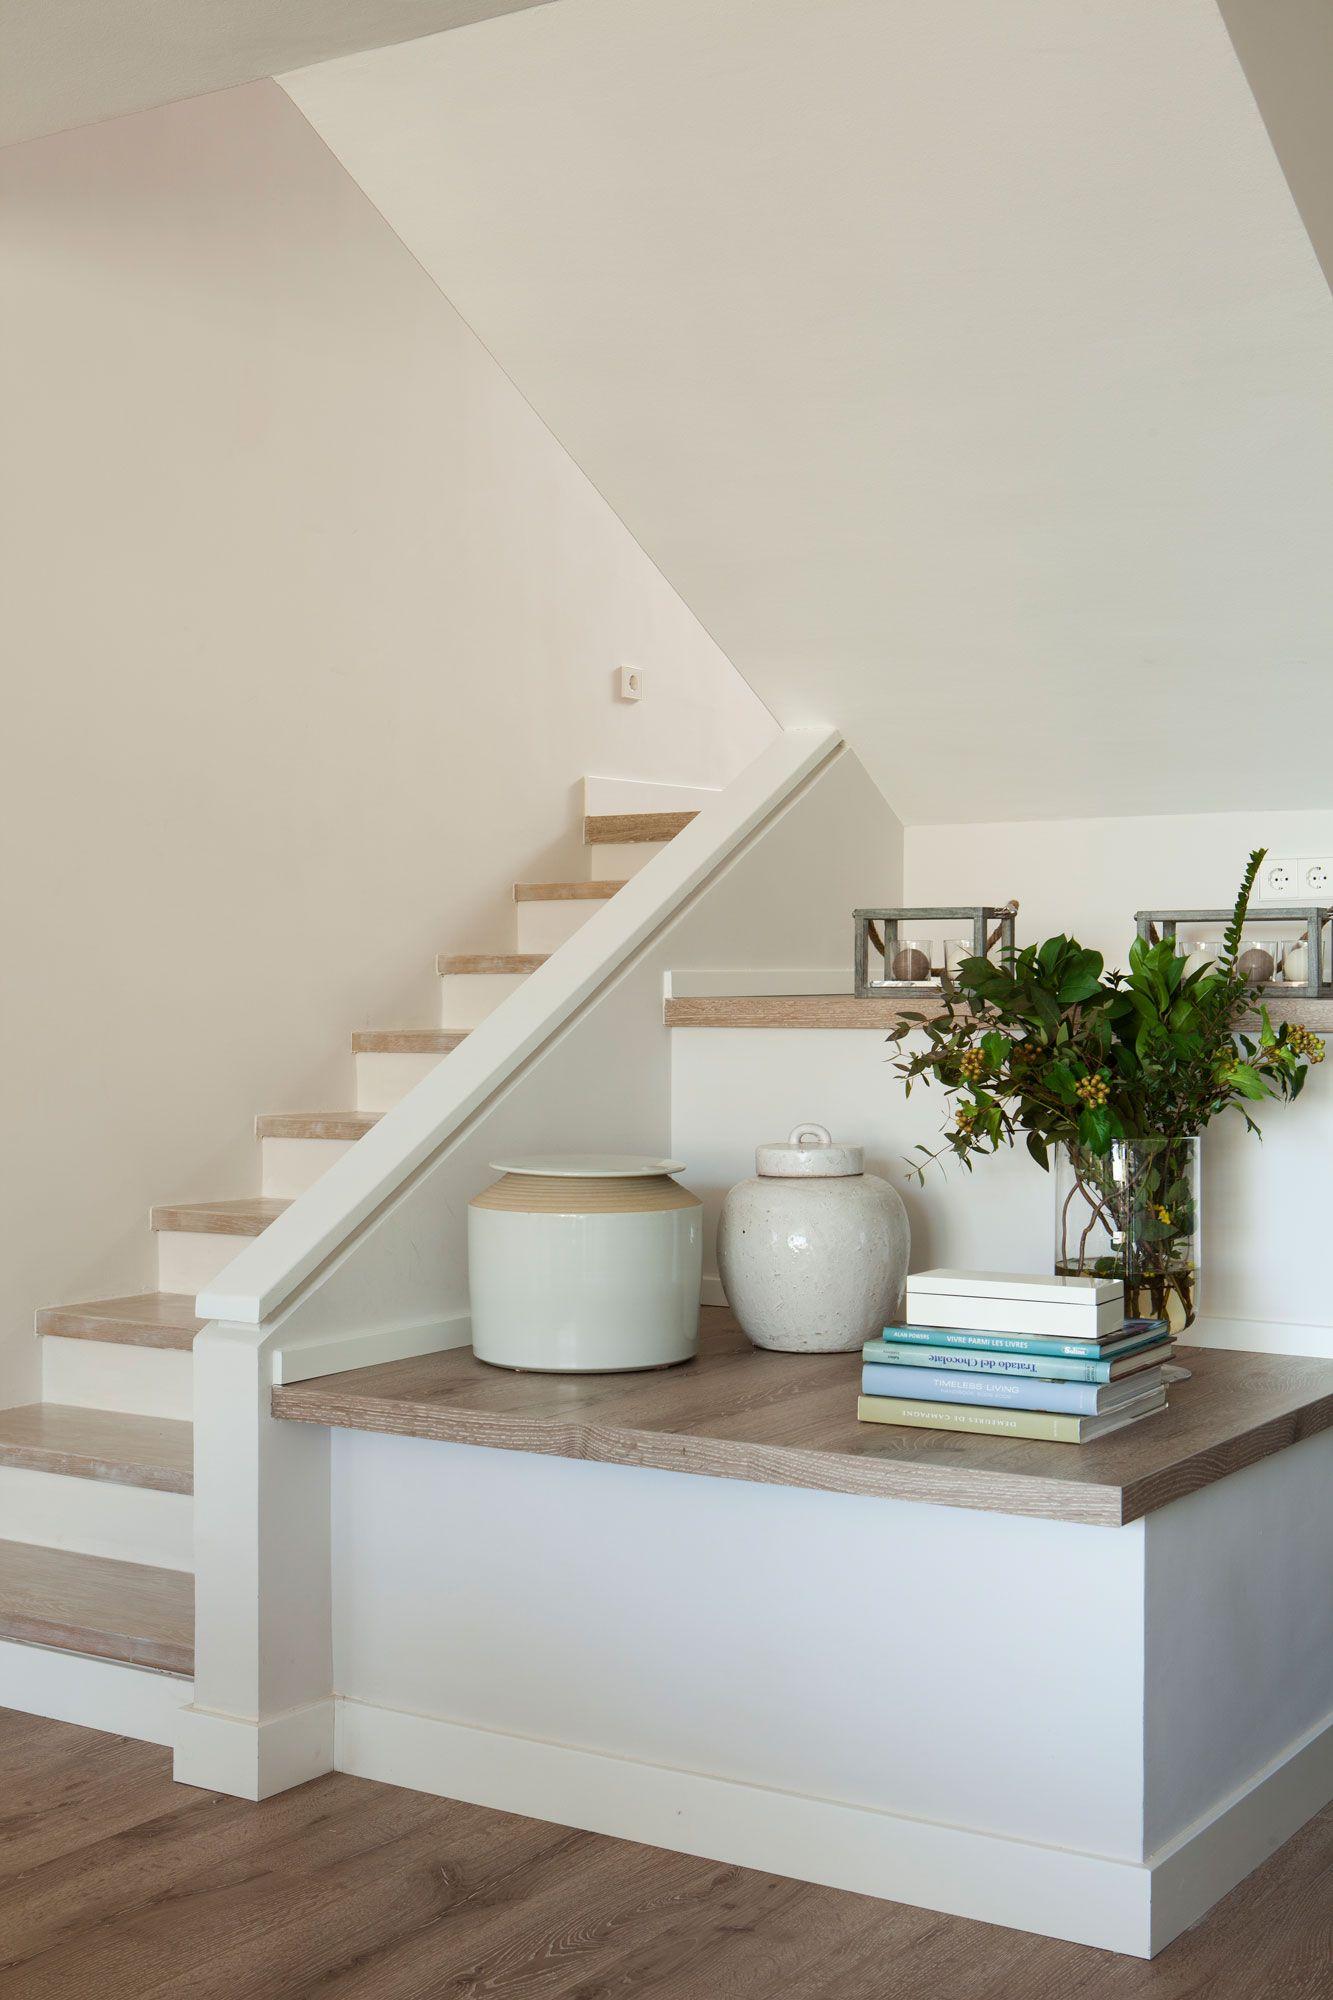 Aprovecha el hueco bajo la escalera escaleras for Hueco bajo escalera